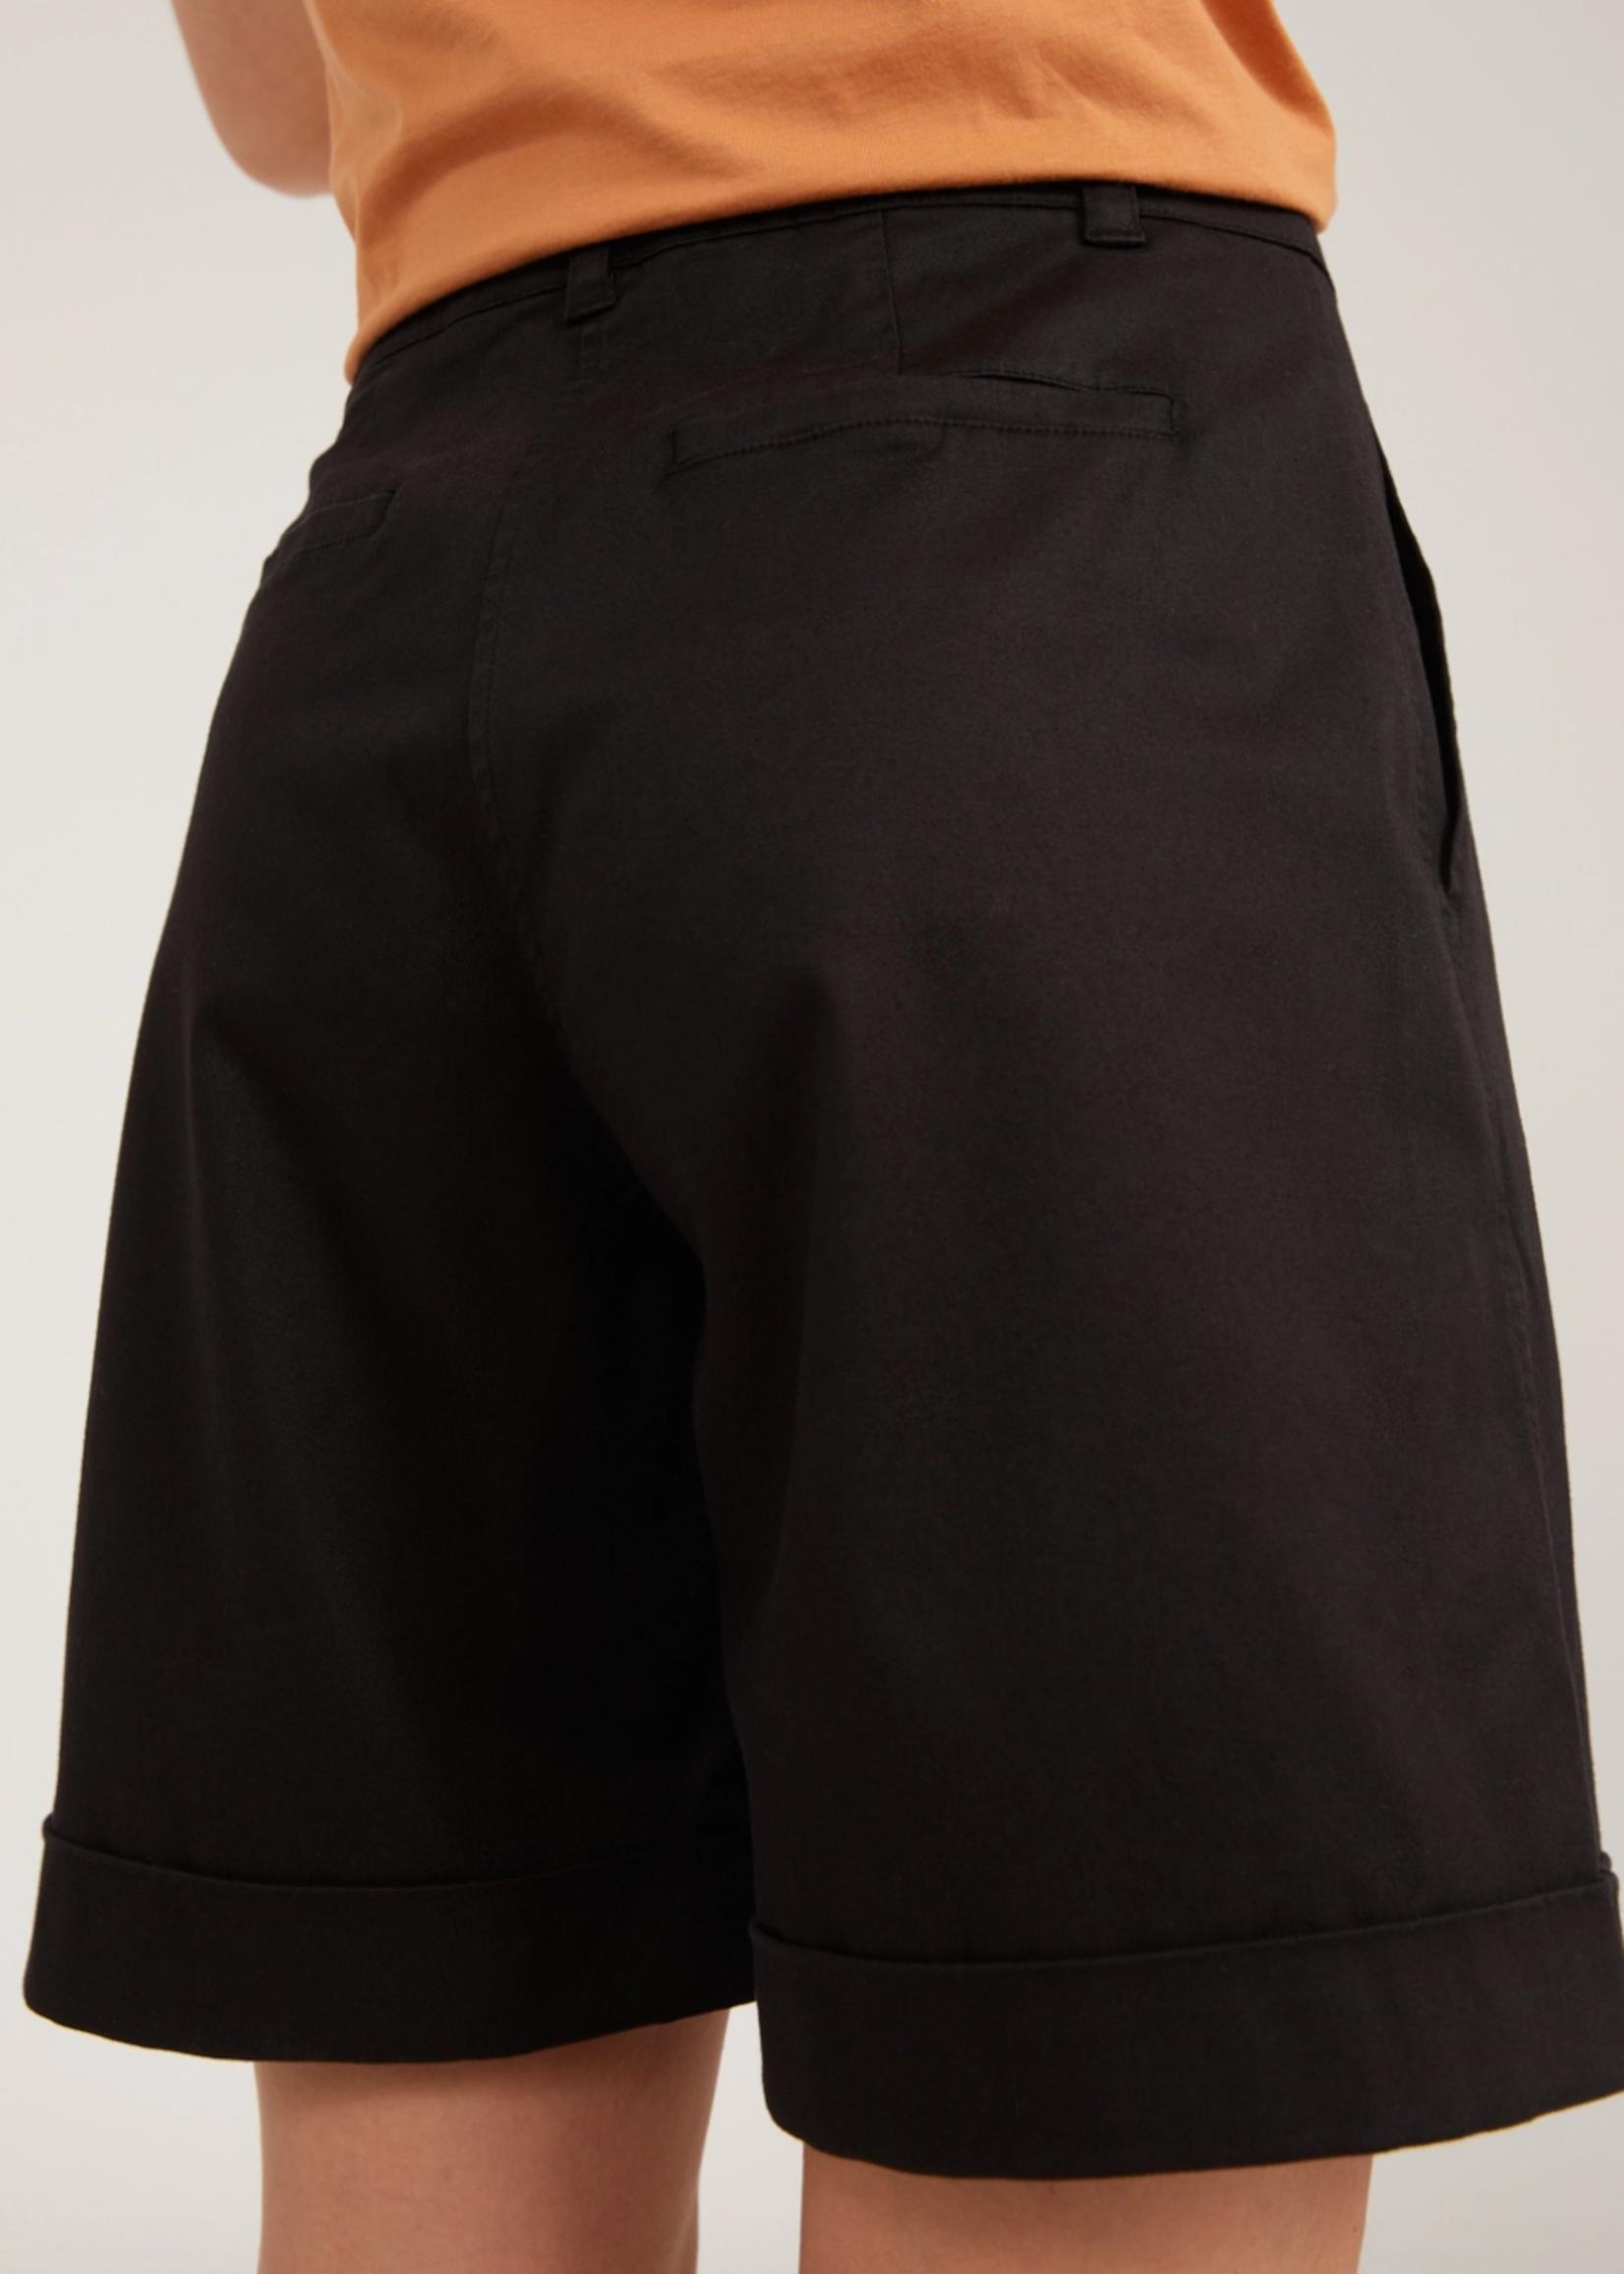 Armedangels Bermudaa Shorts